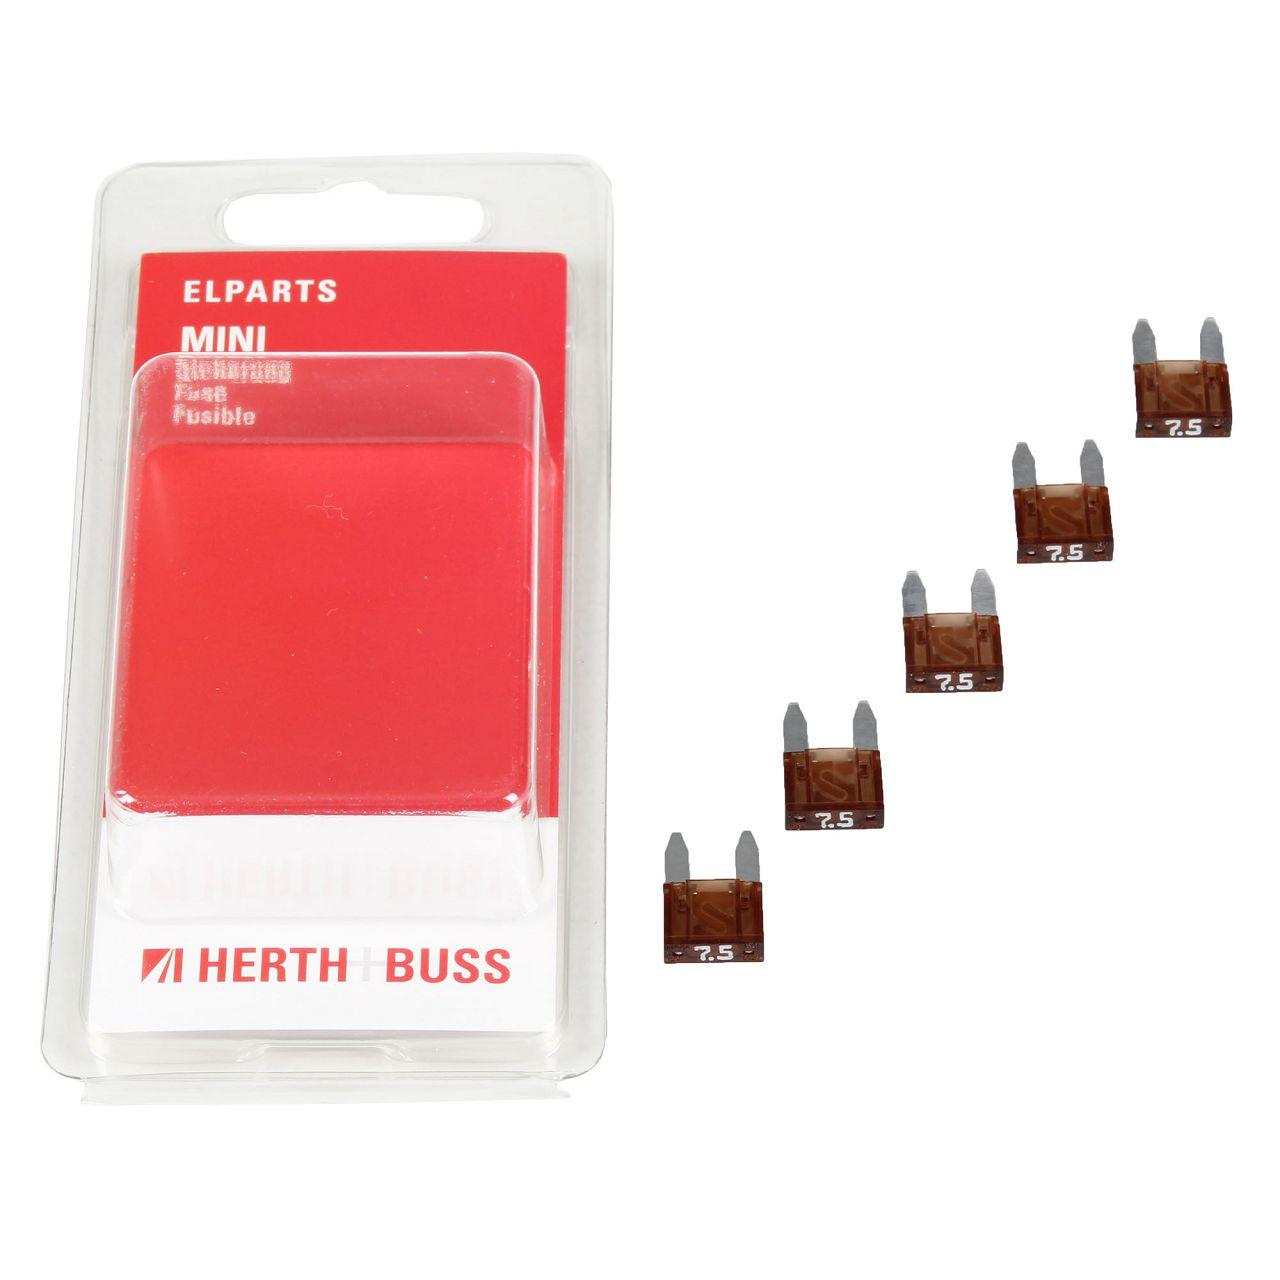 5x HERTH+BUSS Auto KFZ Sicherung Stecksicherung Flachsicherung BRAUN 7,5A MINI